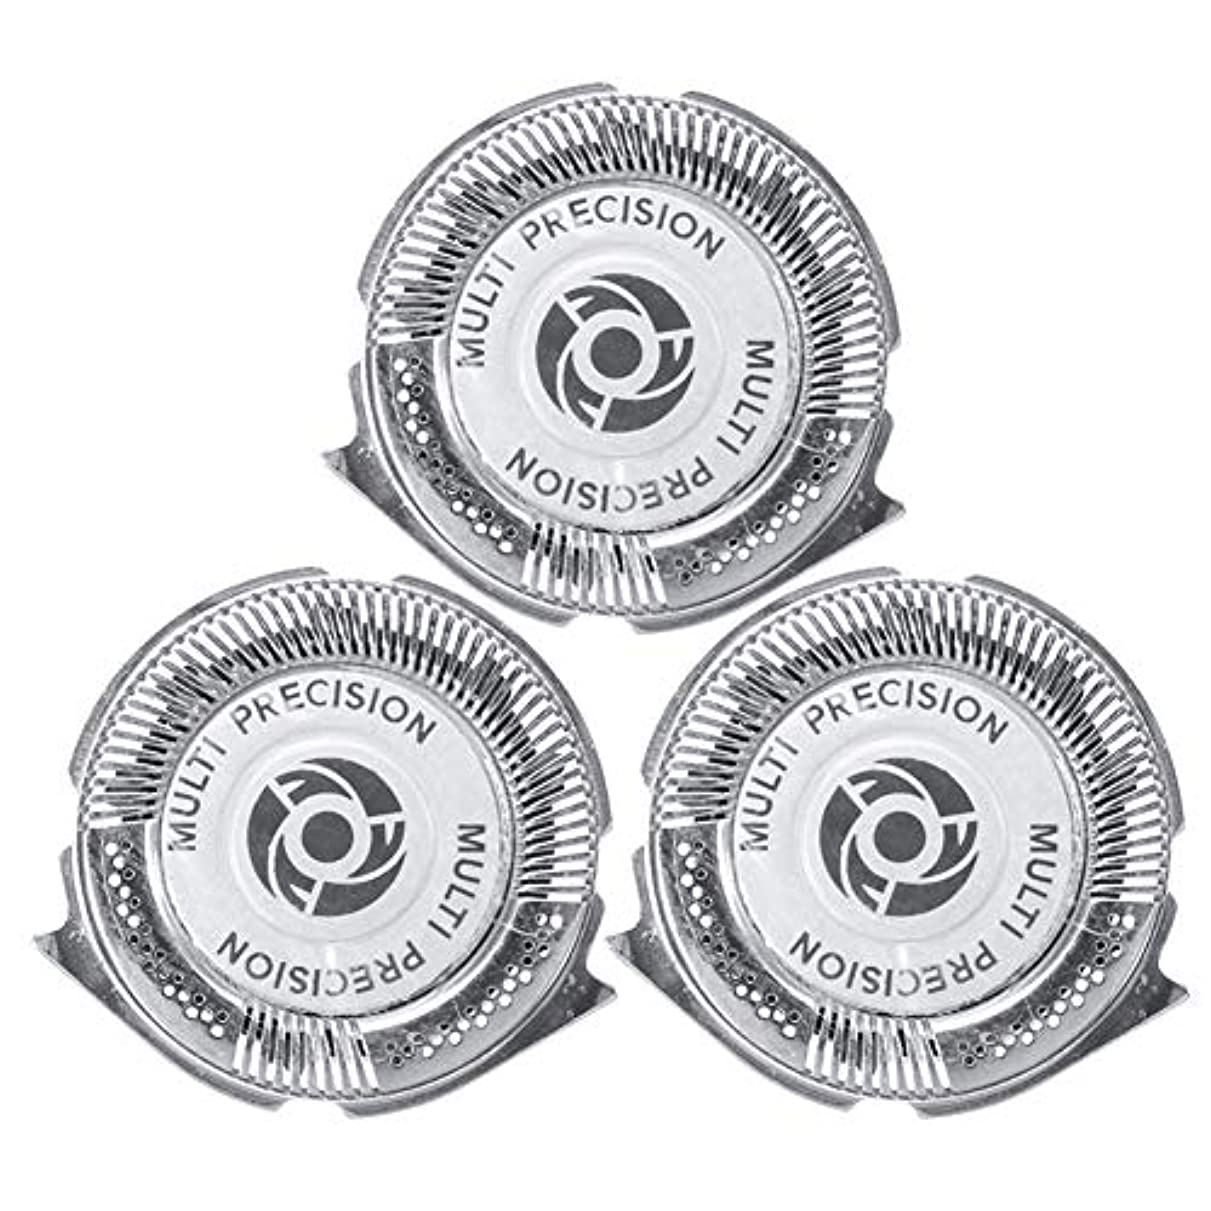 スクワイア料理をするたらいシェーバー 替刃 替え刃 カミソリ ヘッド 3頭のヘッド 交換用替刃 替刃3個入り フィリップス5000シリーズ SH50/51/52 HQ8に適用